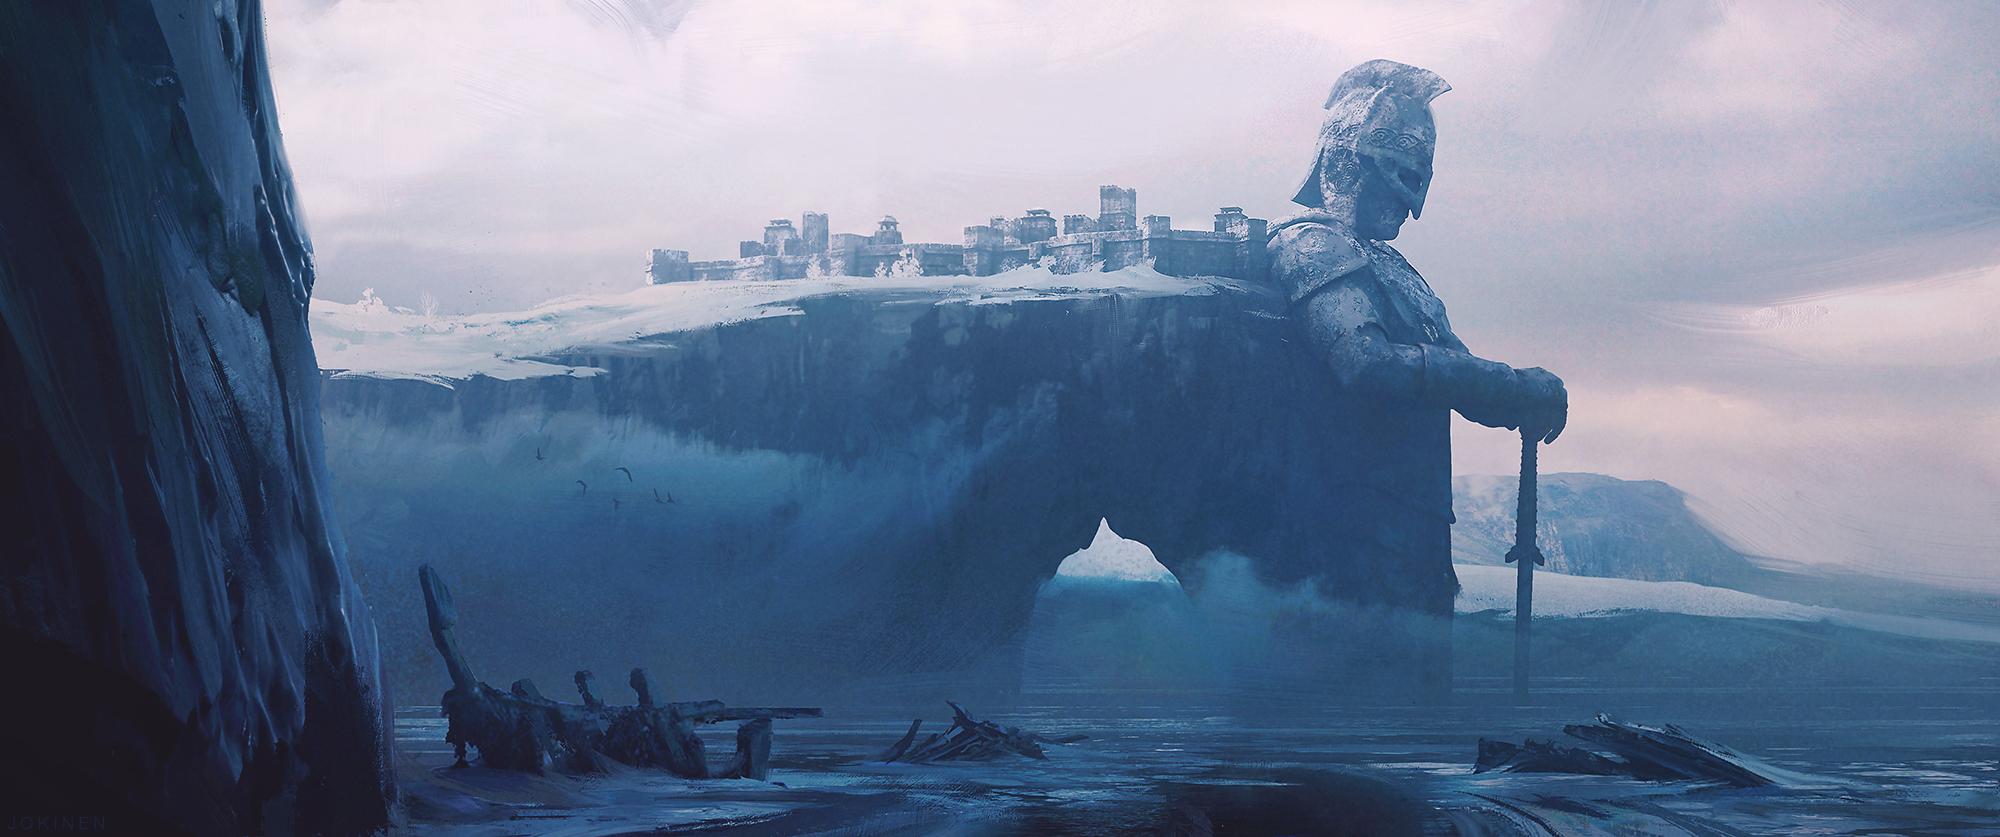 Cliffs_of_Ereth_Agoir_WEB2.jpg